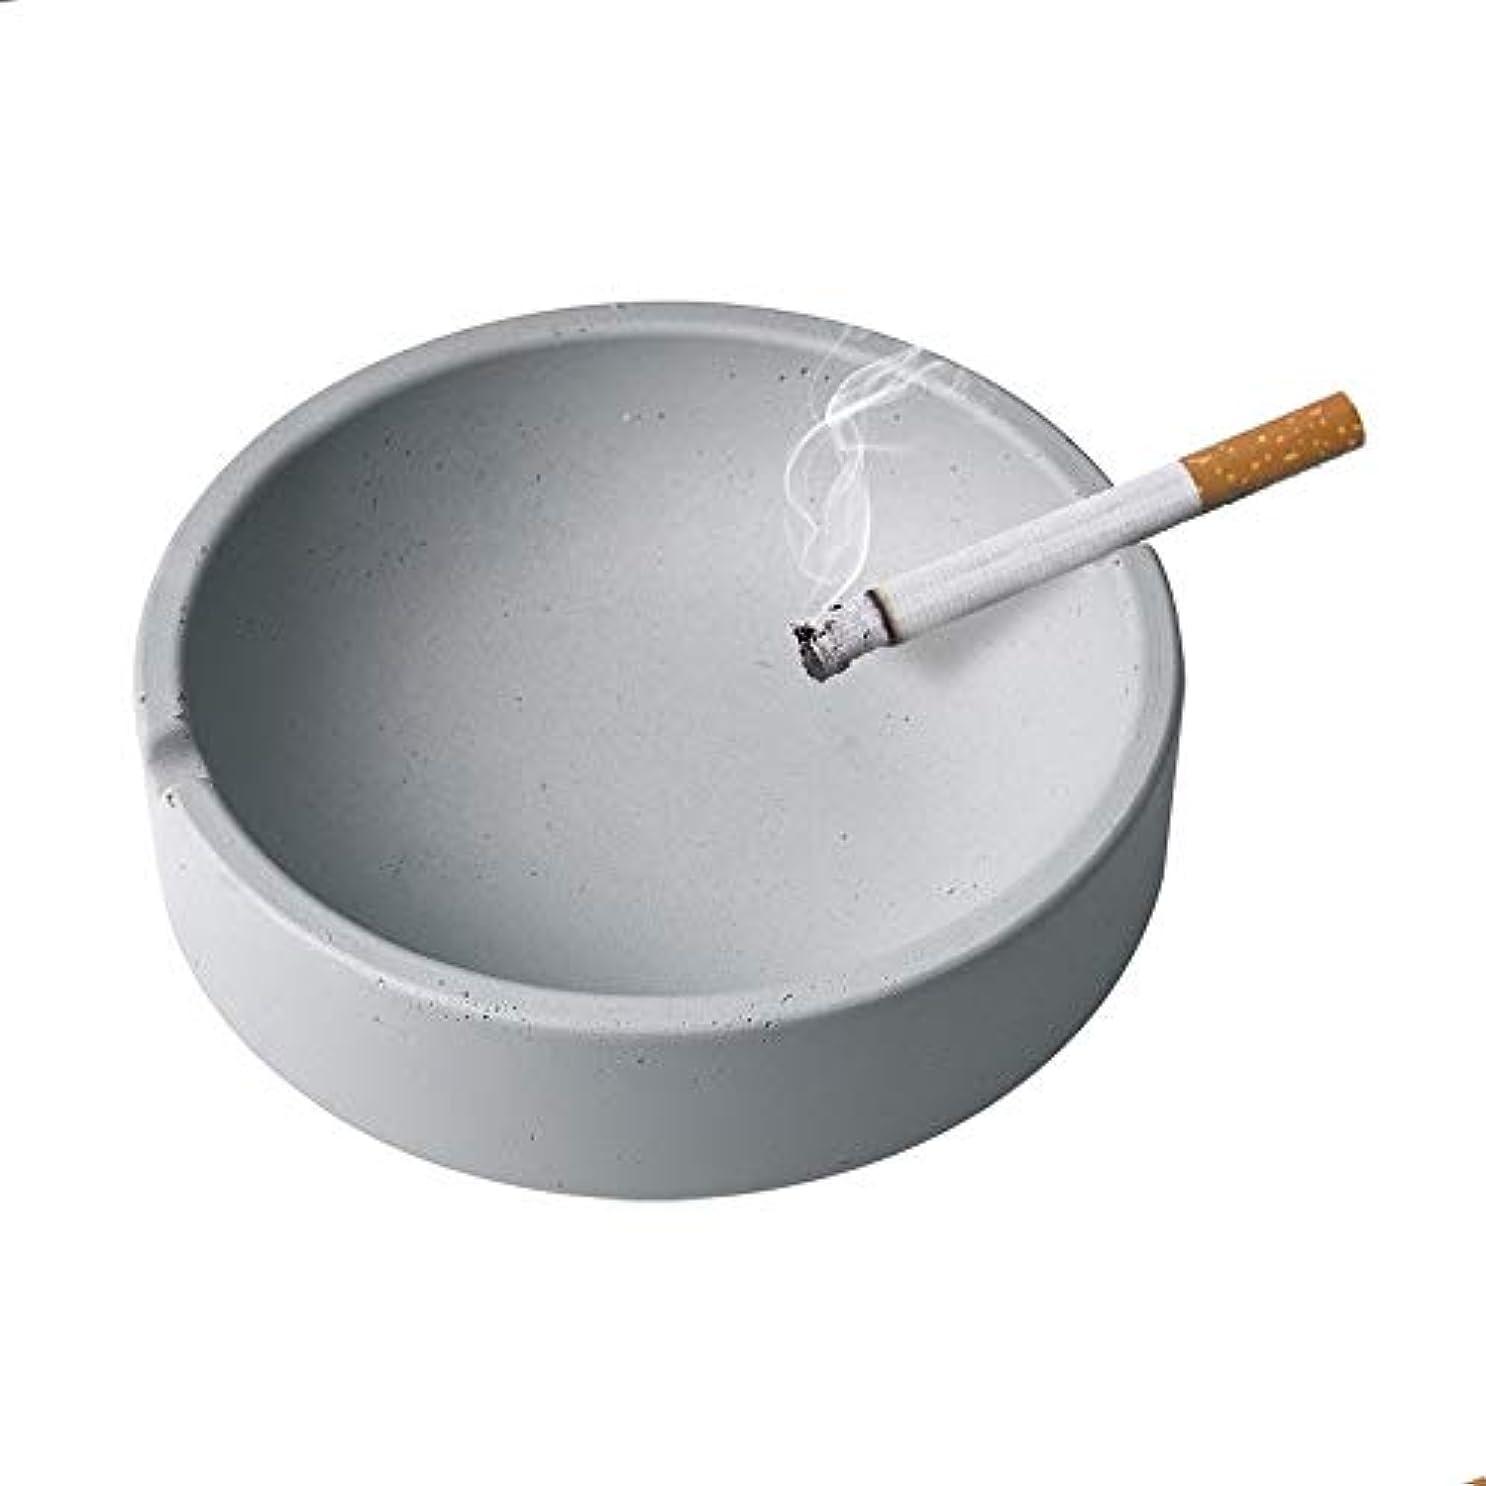 意義勇者慣性屋内または屋外での使用のためのタバコの灰皿、喫煙者のための灰ホルダー、ホームオフィスの装飾のためのデスクトップの喫煙灰皿